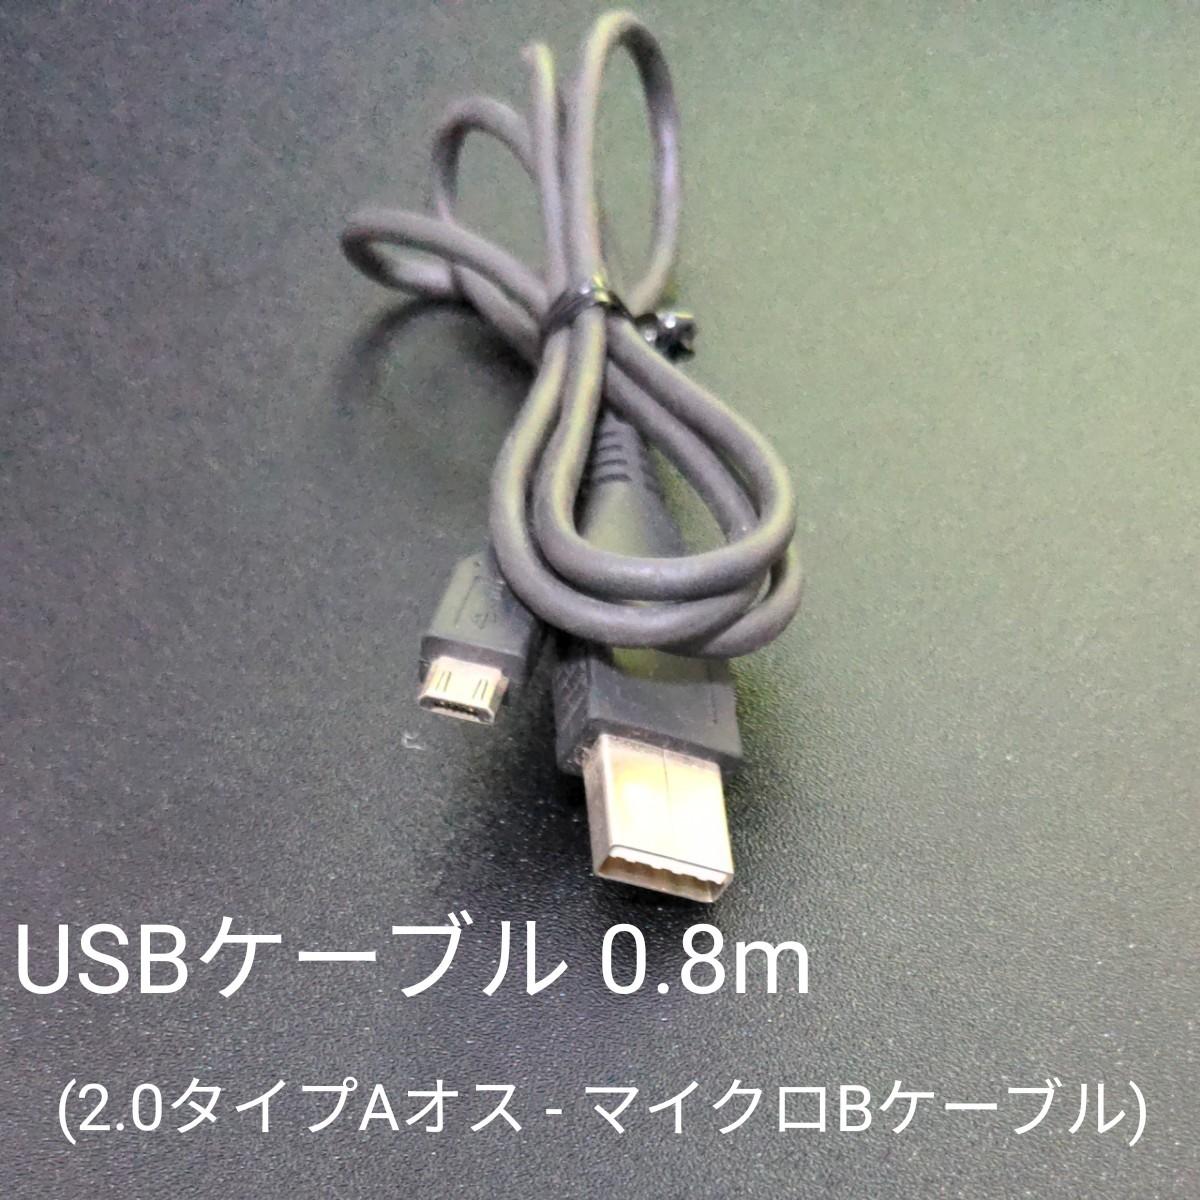 USBケーブル 0.8m (2.0タイプAオス - マイクロBケーブル)